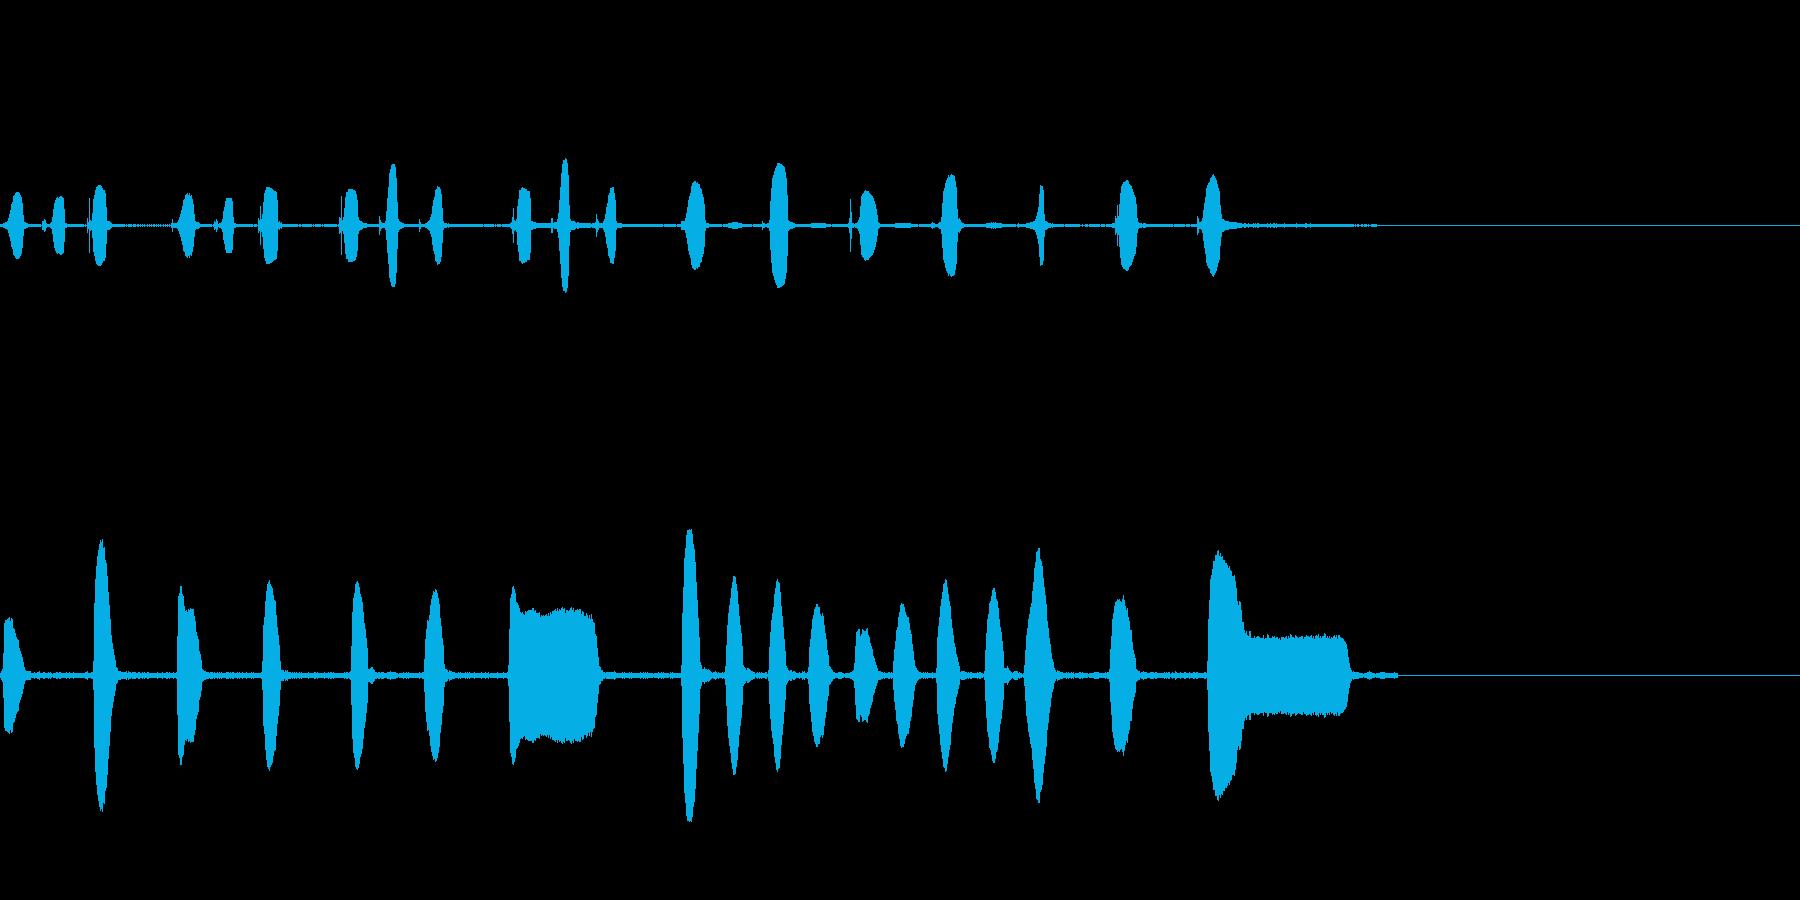 生録音ピアニカとリコーダーのサウンドロゴの再生済みの波形